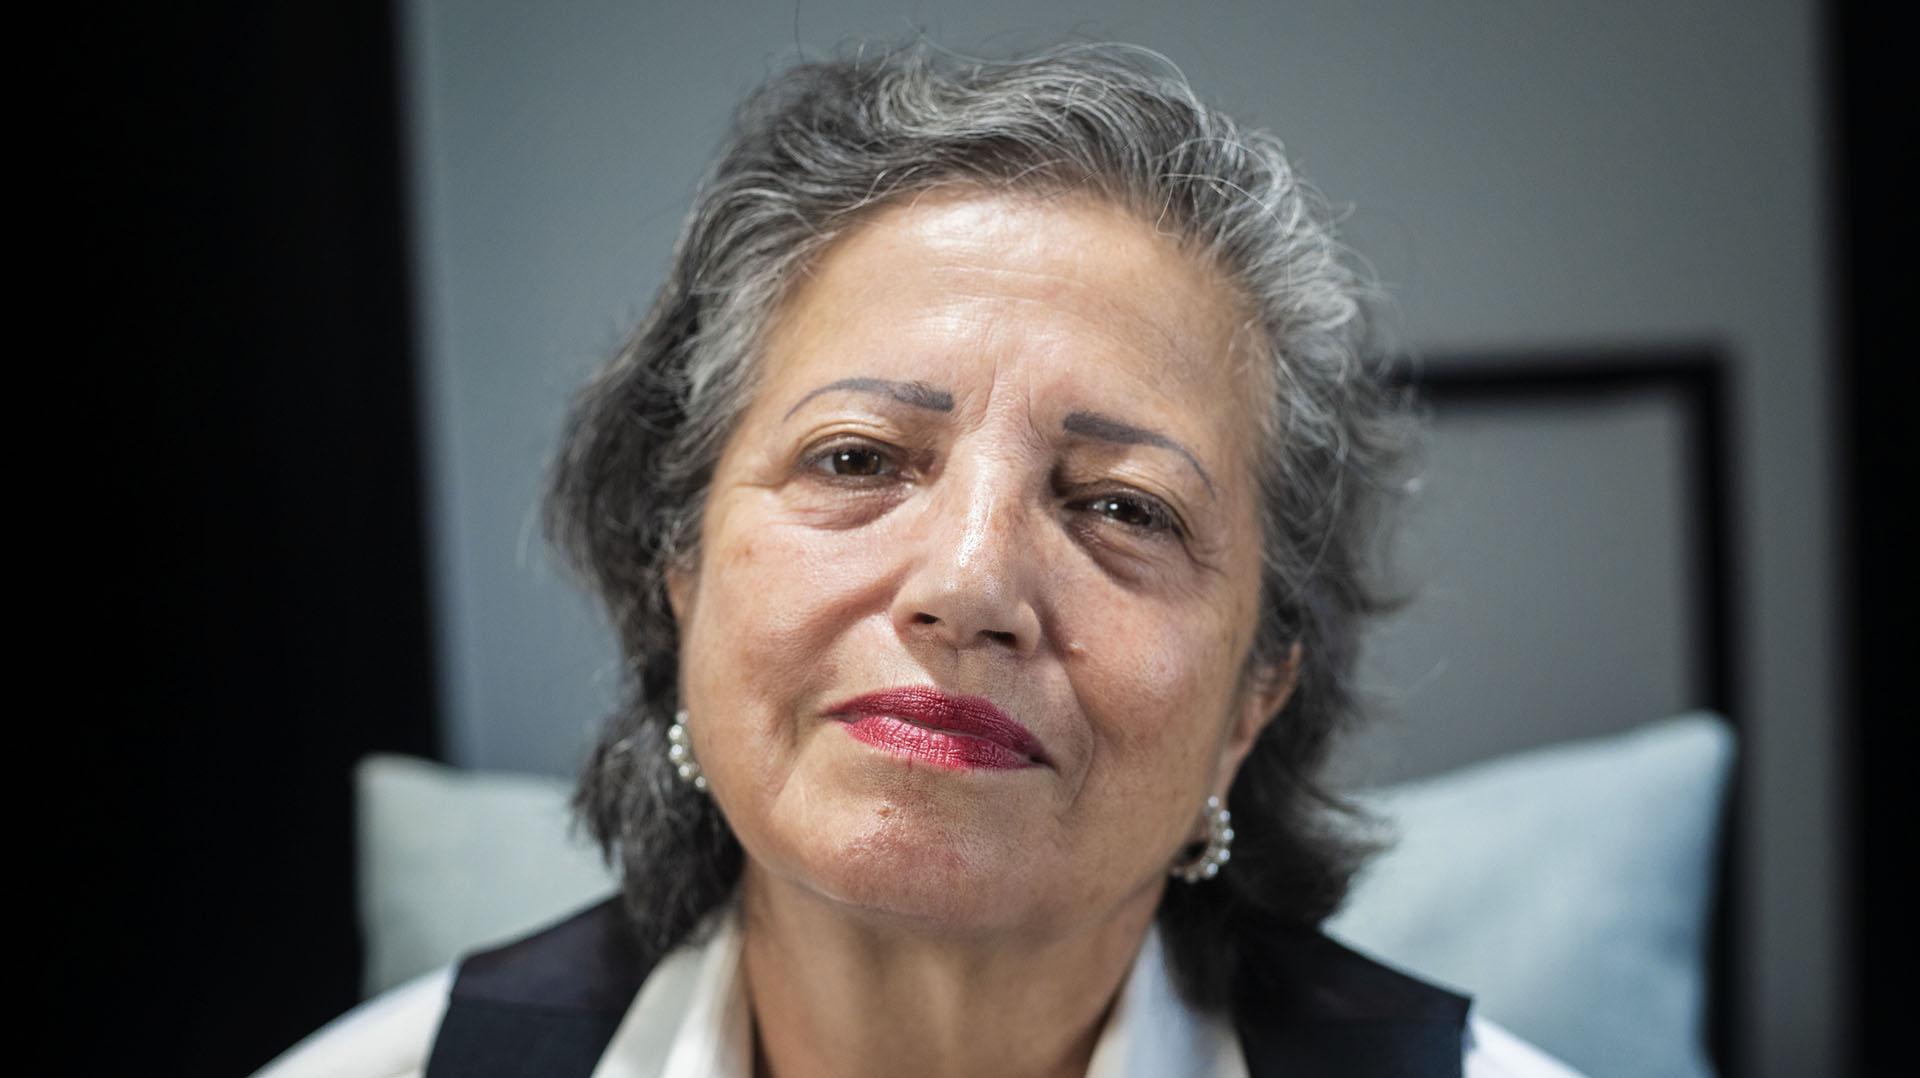 Una foto actual de María Elena Cisneros (Lihue Althabe)